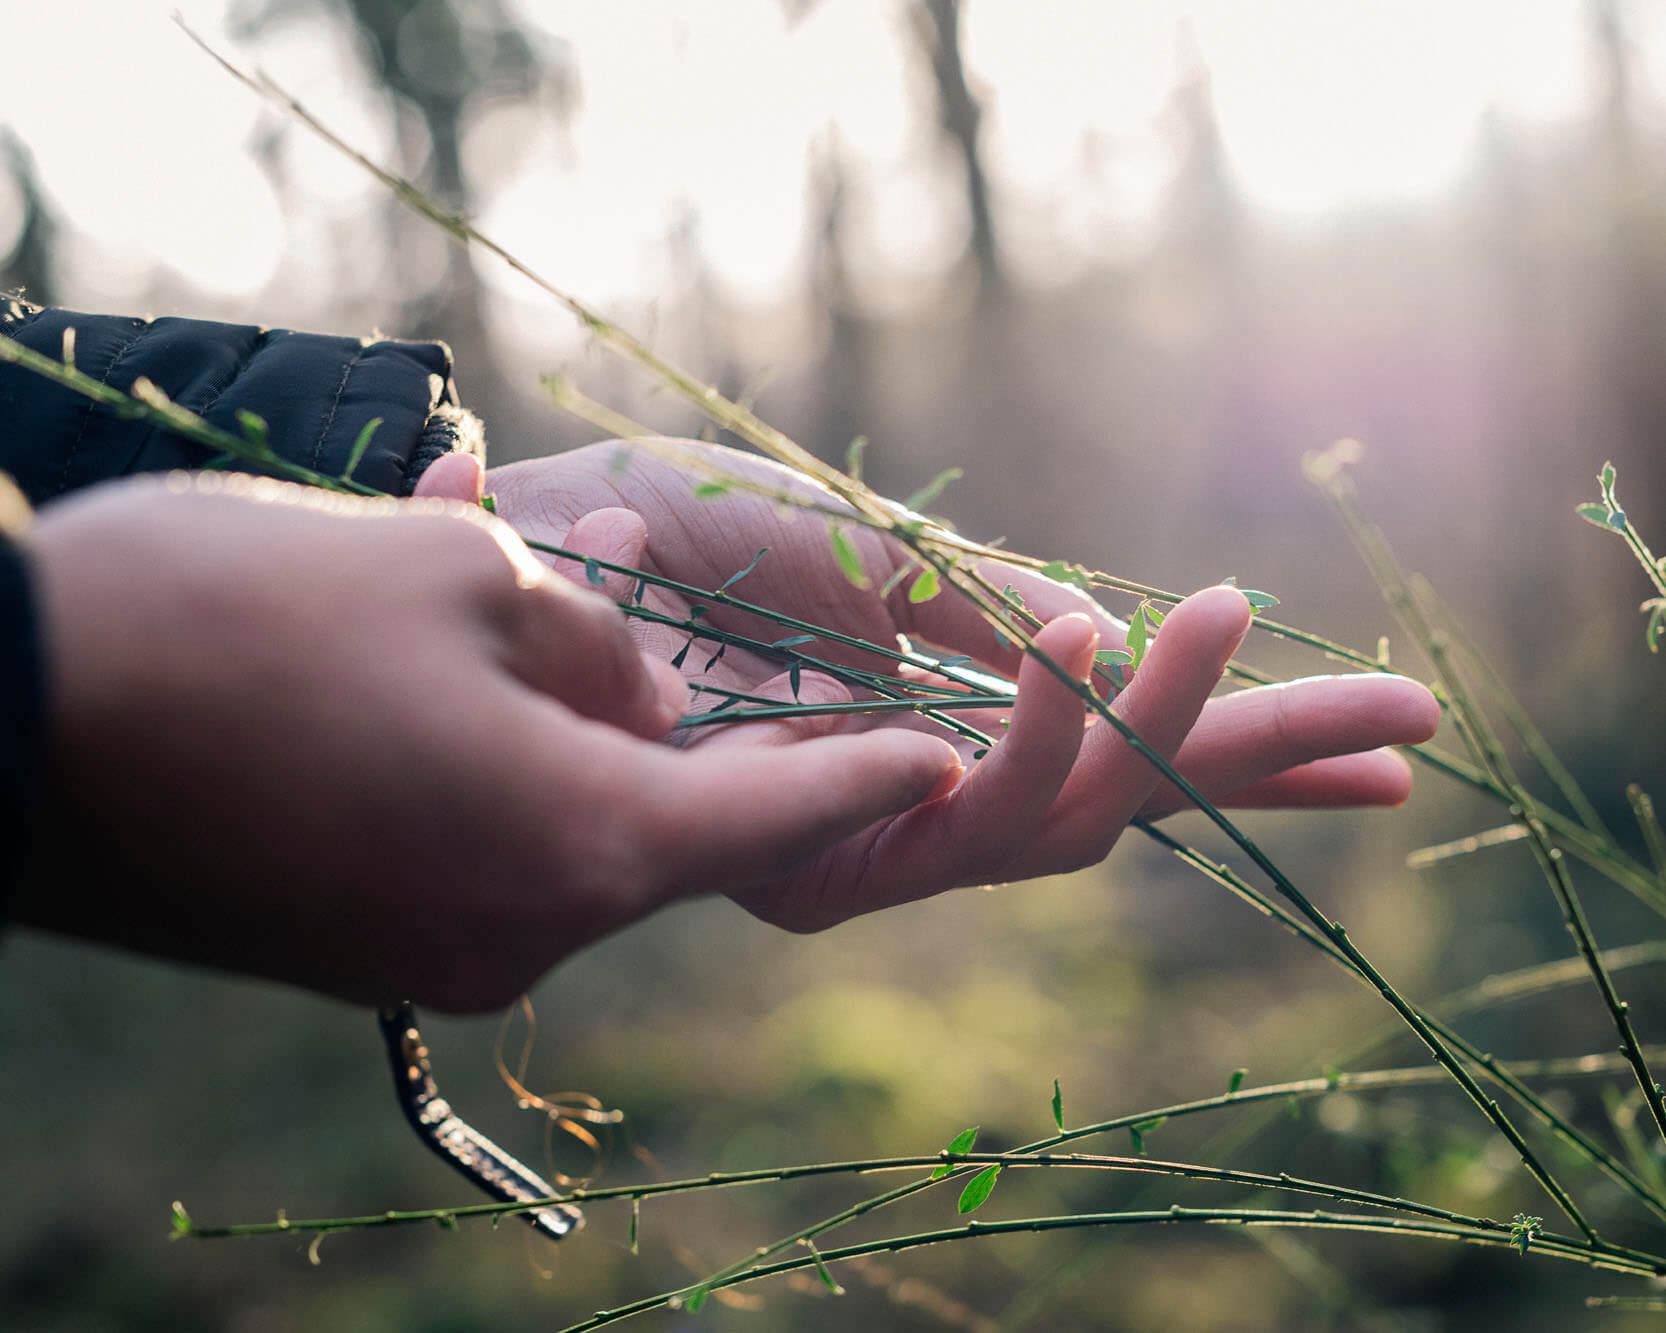 52_20180218_teens_woodlandwonderland_b_142 Kopie_1